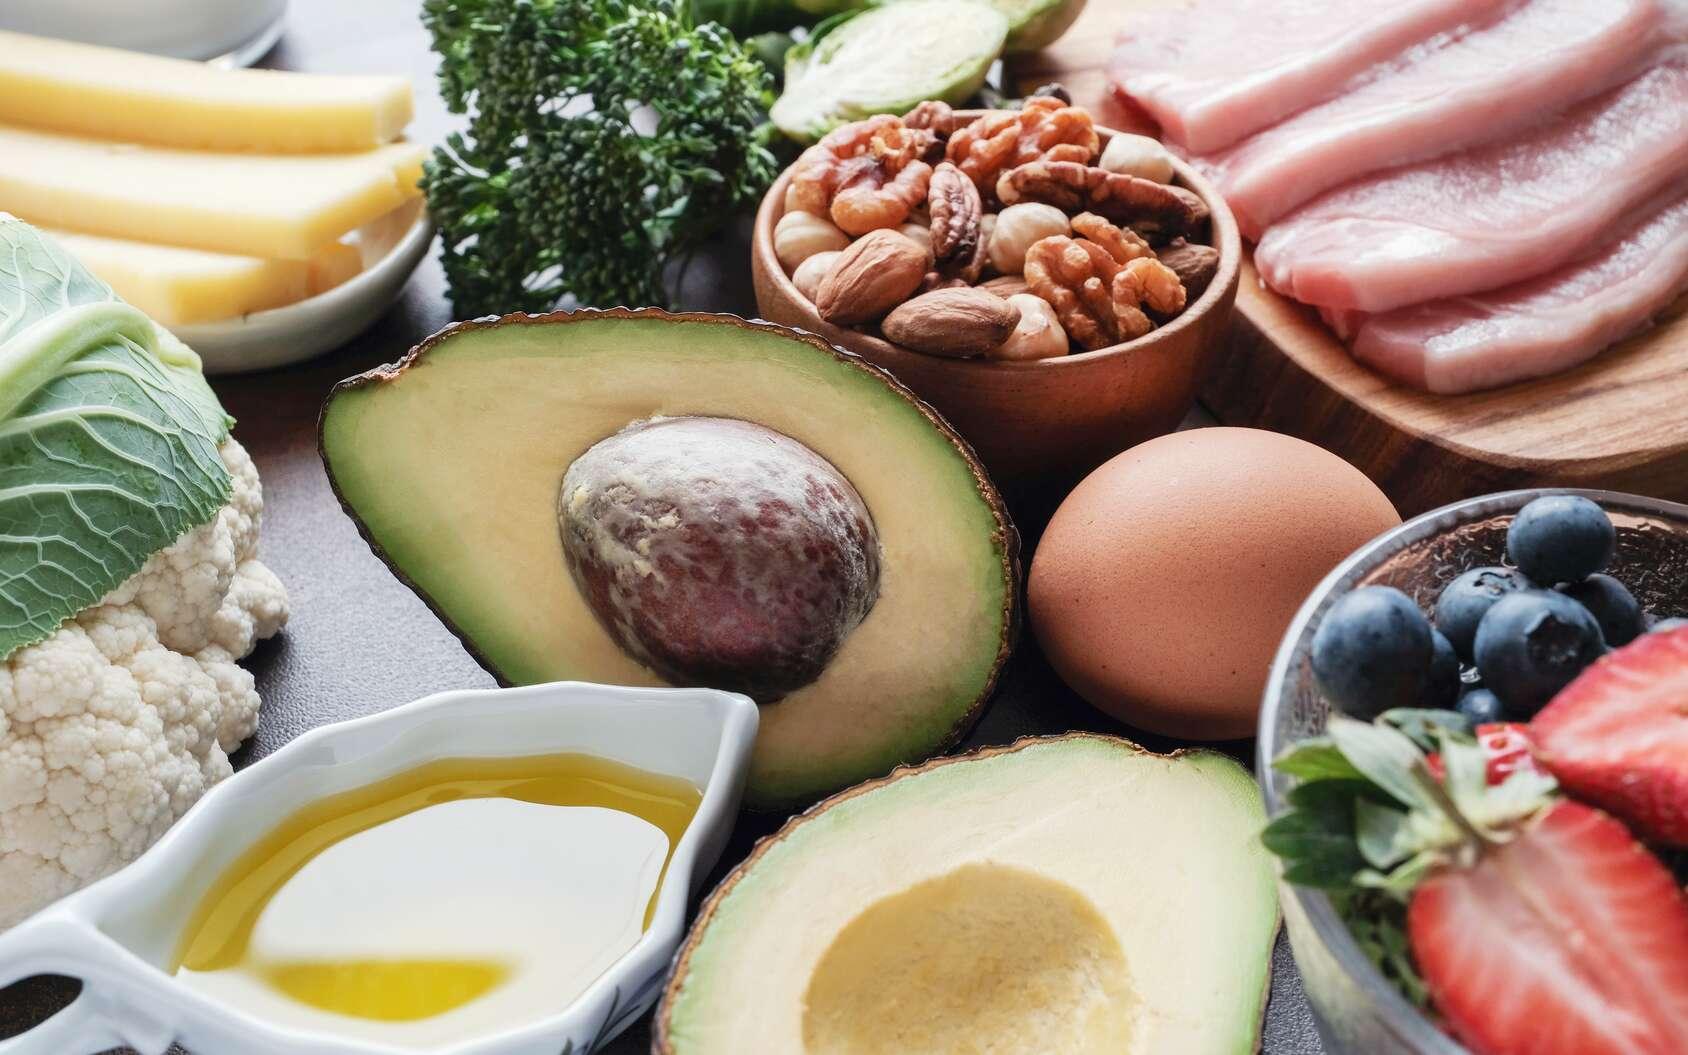 Le régime cétogène repose sur une alimentation riche en lipides et excluant les glucides. © sewcream, Fotolia